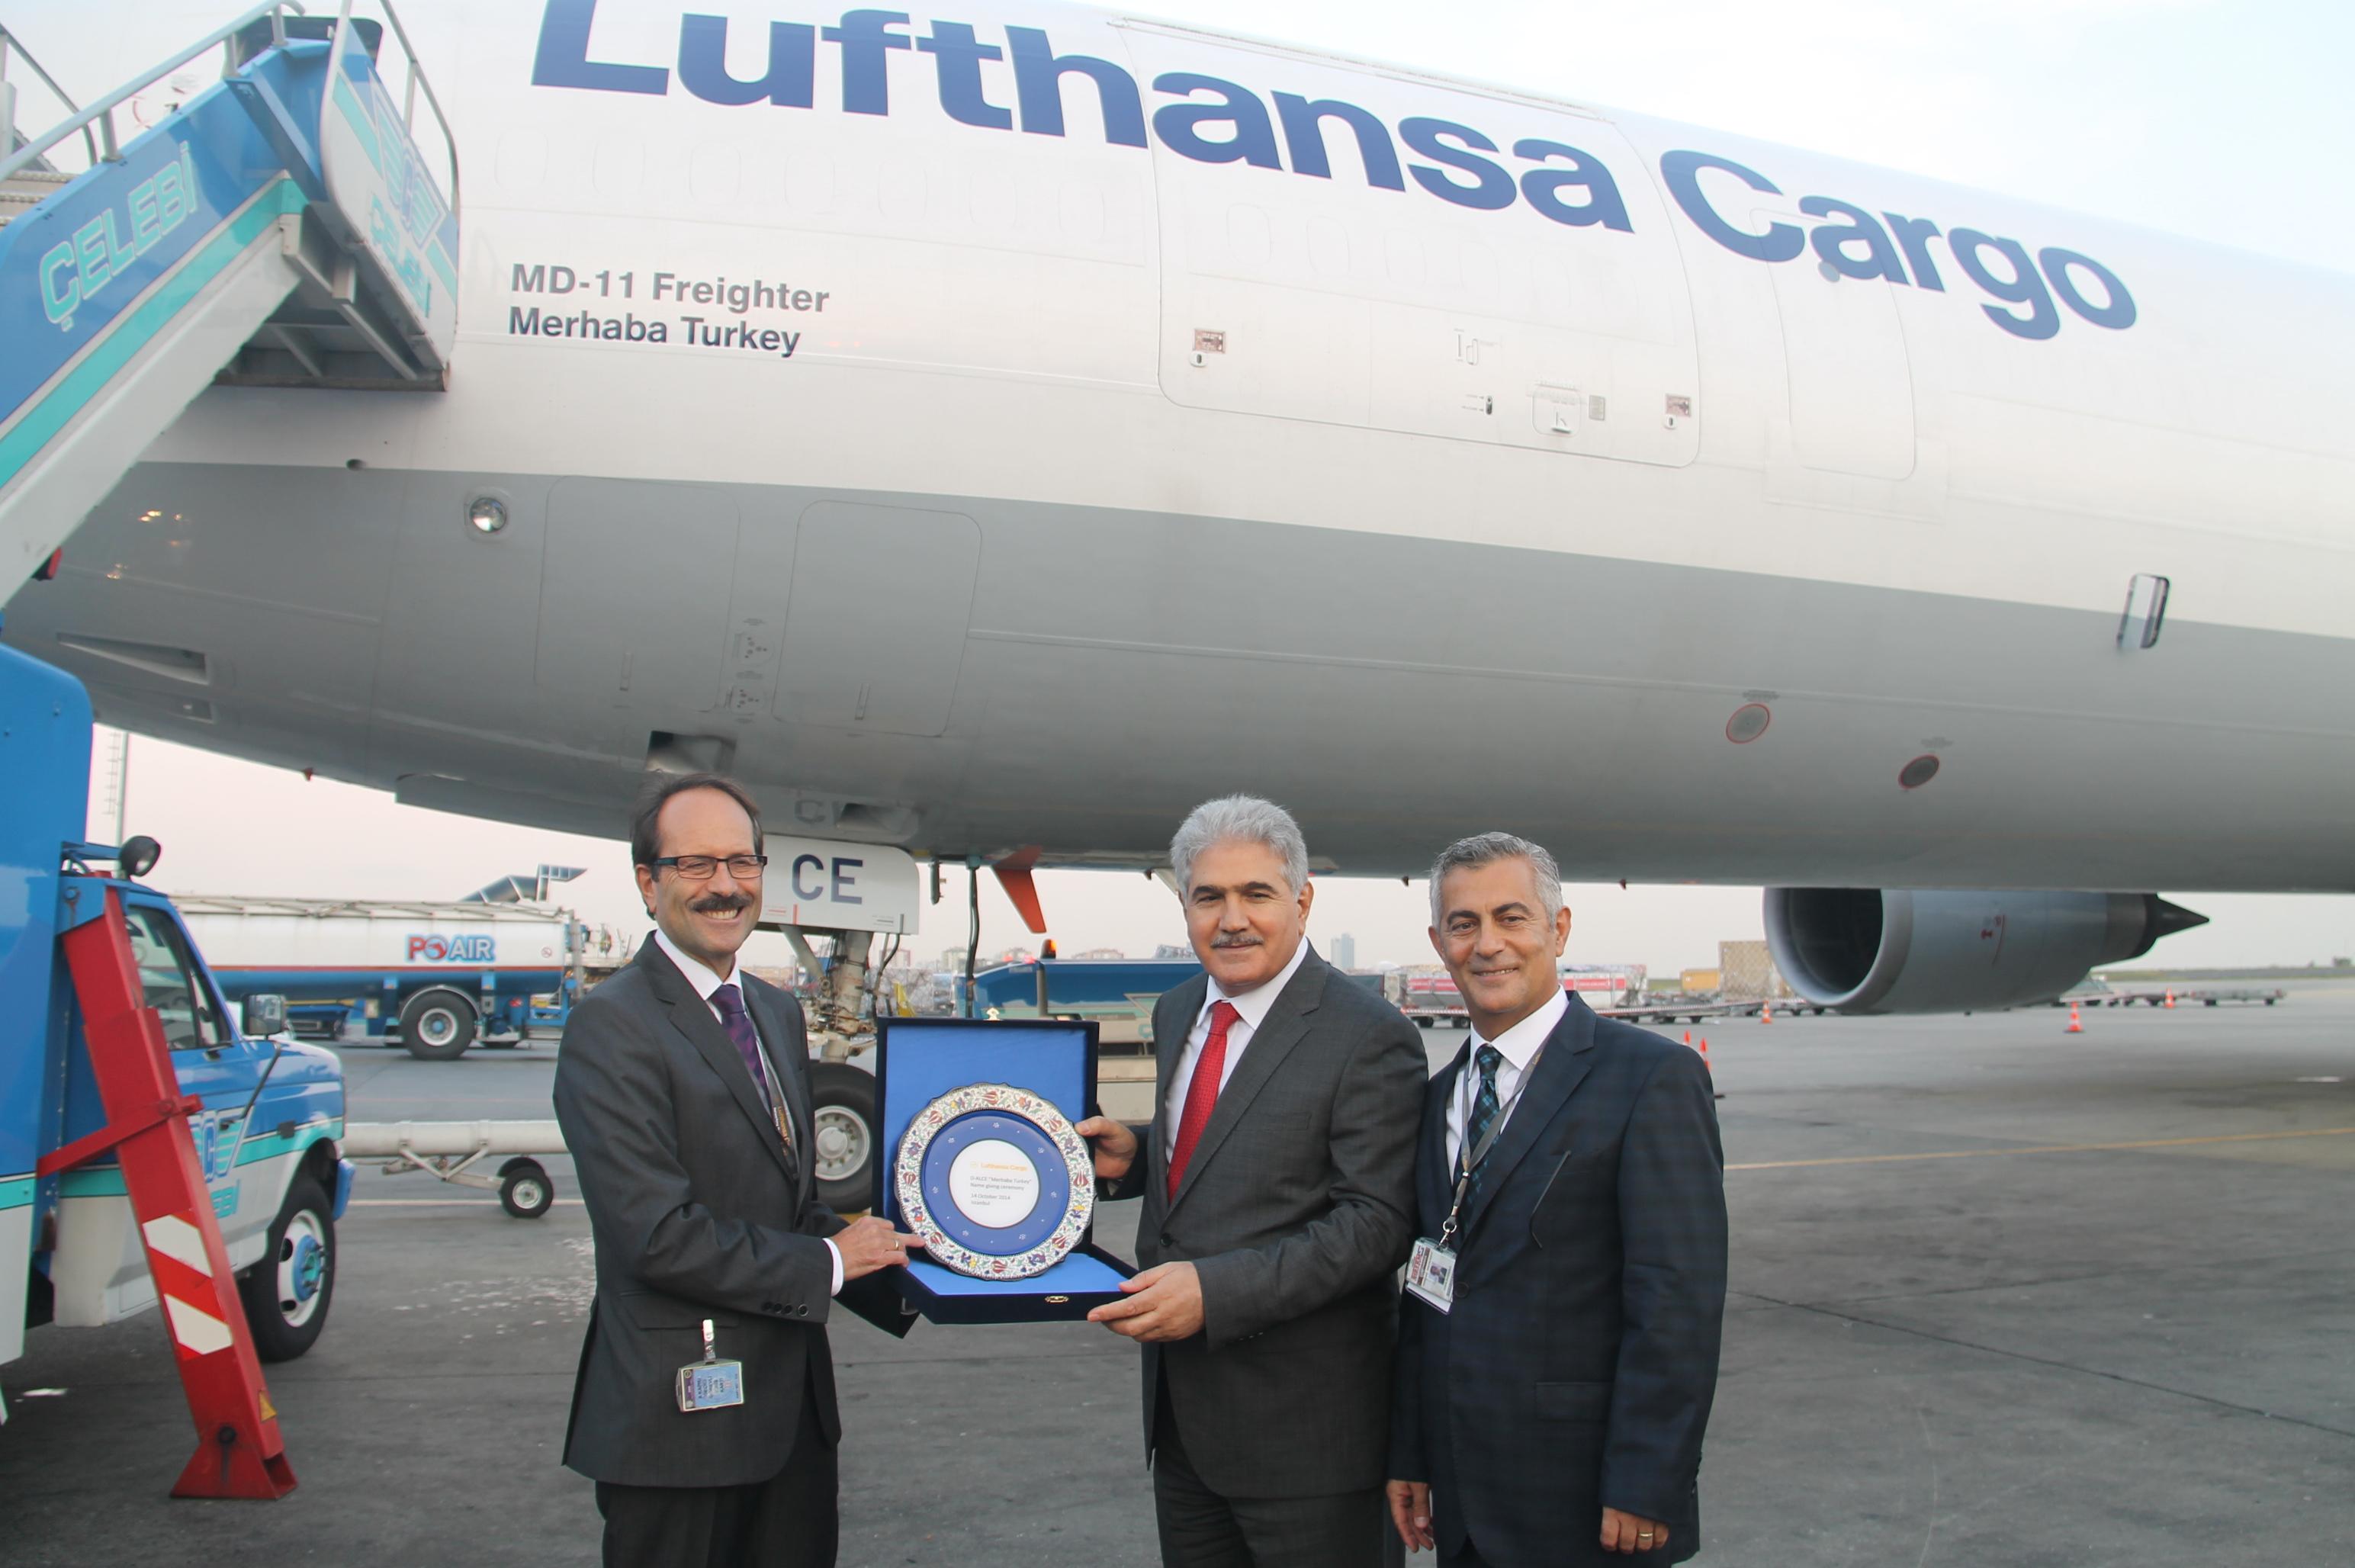 Lufthansa'nın yeni kargo uçağı Merhaba Turkey galerisi resim 9